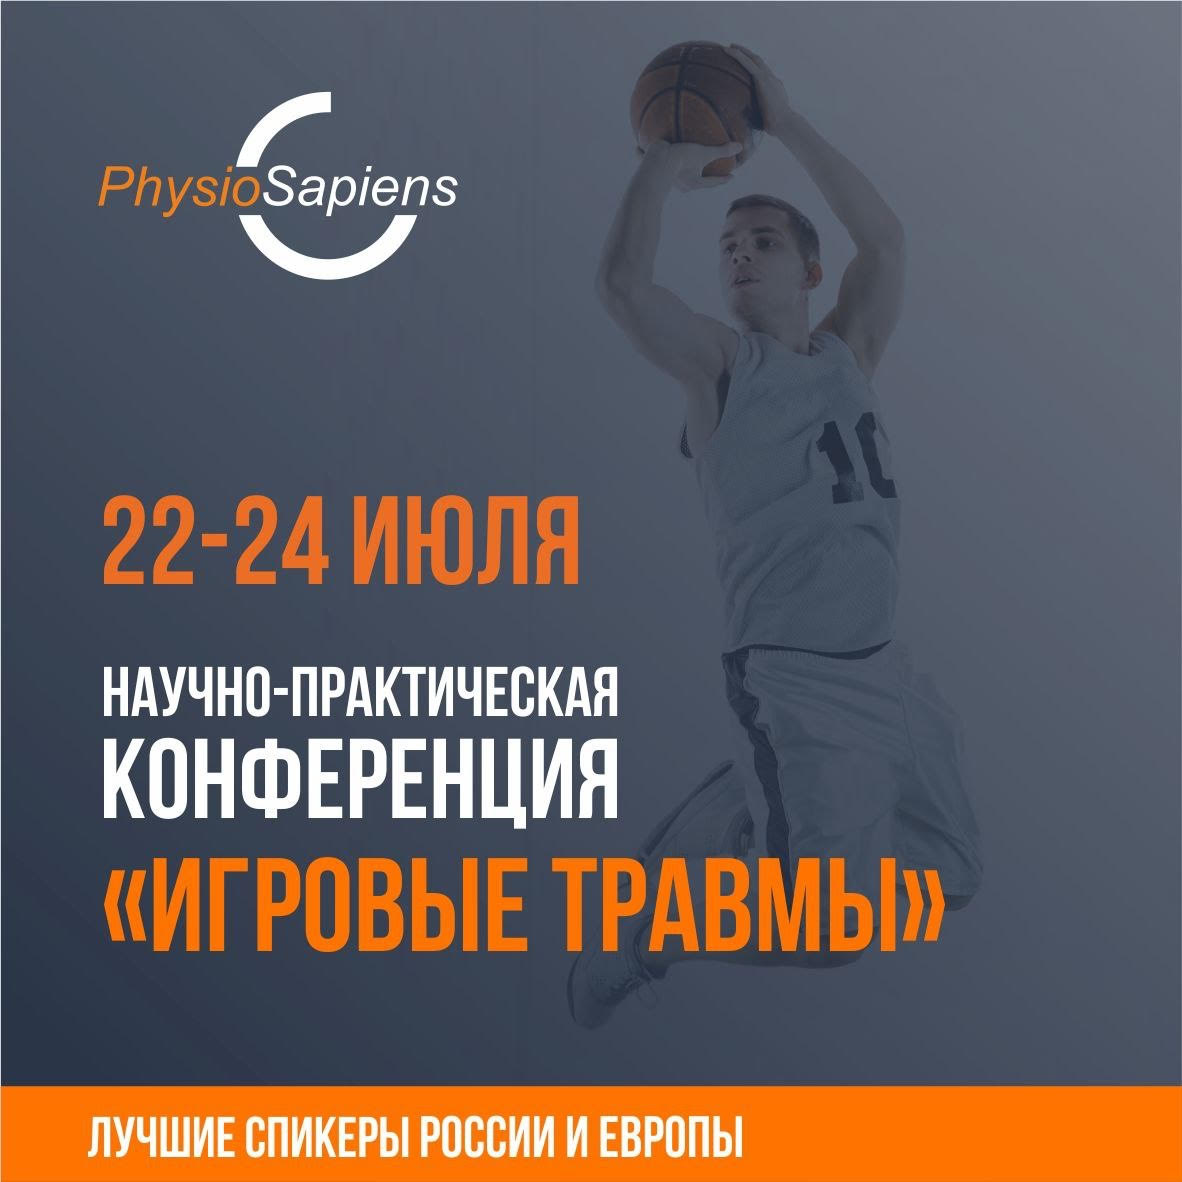 Конференция «Игровые травмы»